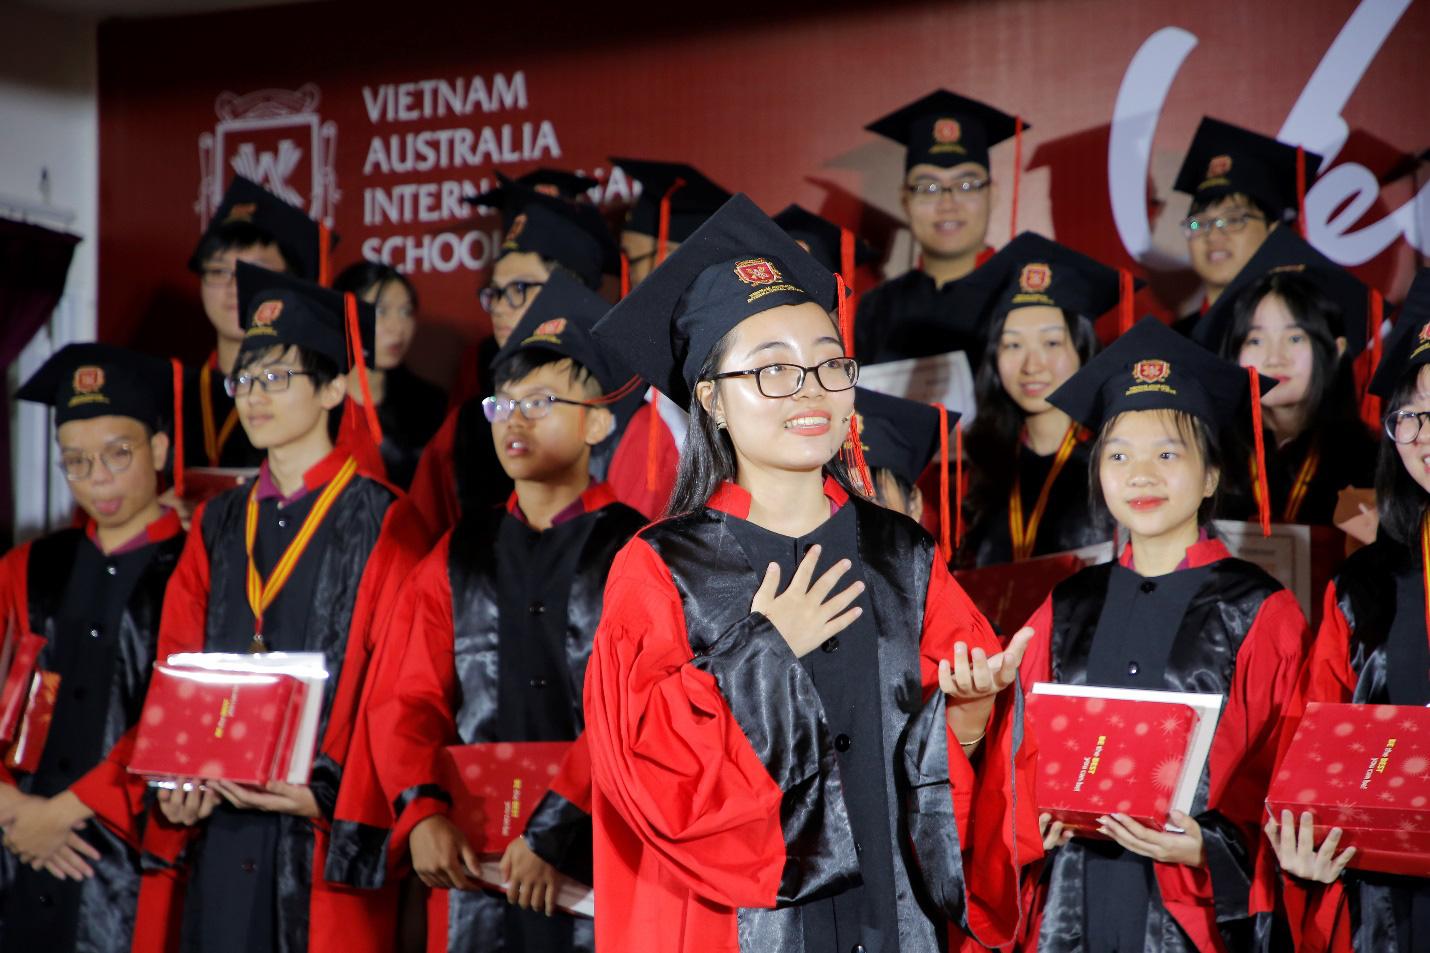 Giáo dục trẻ trong xã hội hiện đại – khả năng thích ứng và linh hoạt thay đổi - Ảnh 3.